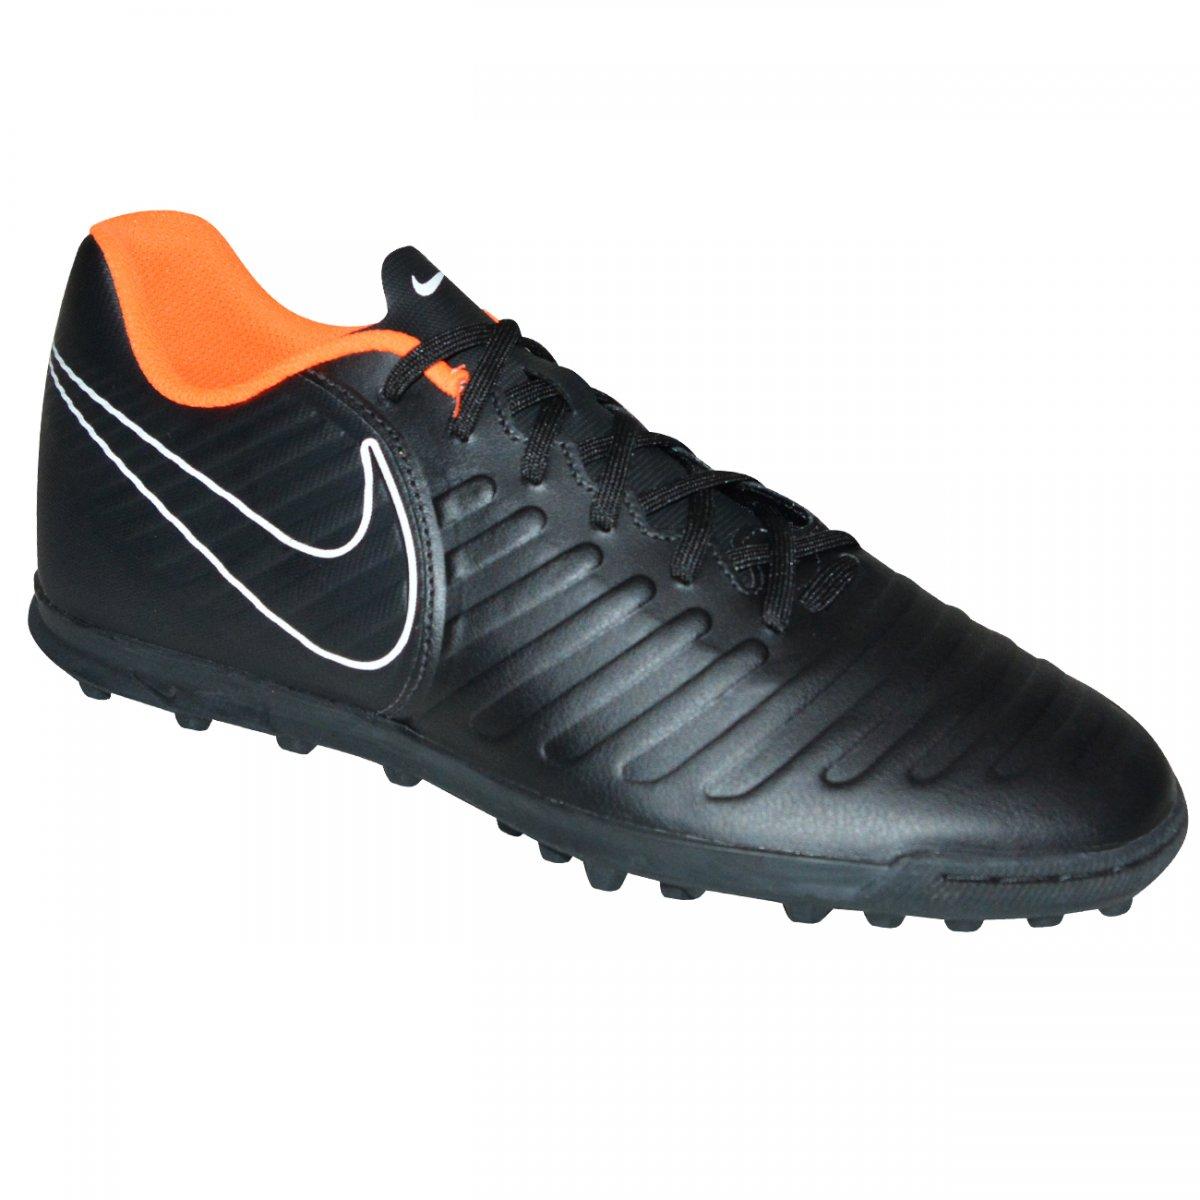 74c95f920 Chuteira Society Nike Legendx 7 Club AH7248 080 - Preto/laranja/branco - Chuteira  Nike, Adidas. Sandalias Femininas. Sandy Calçados